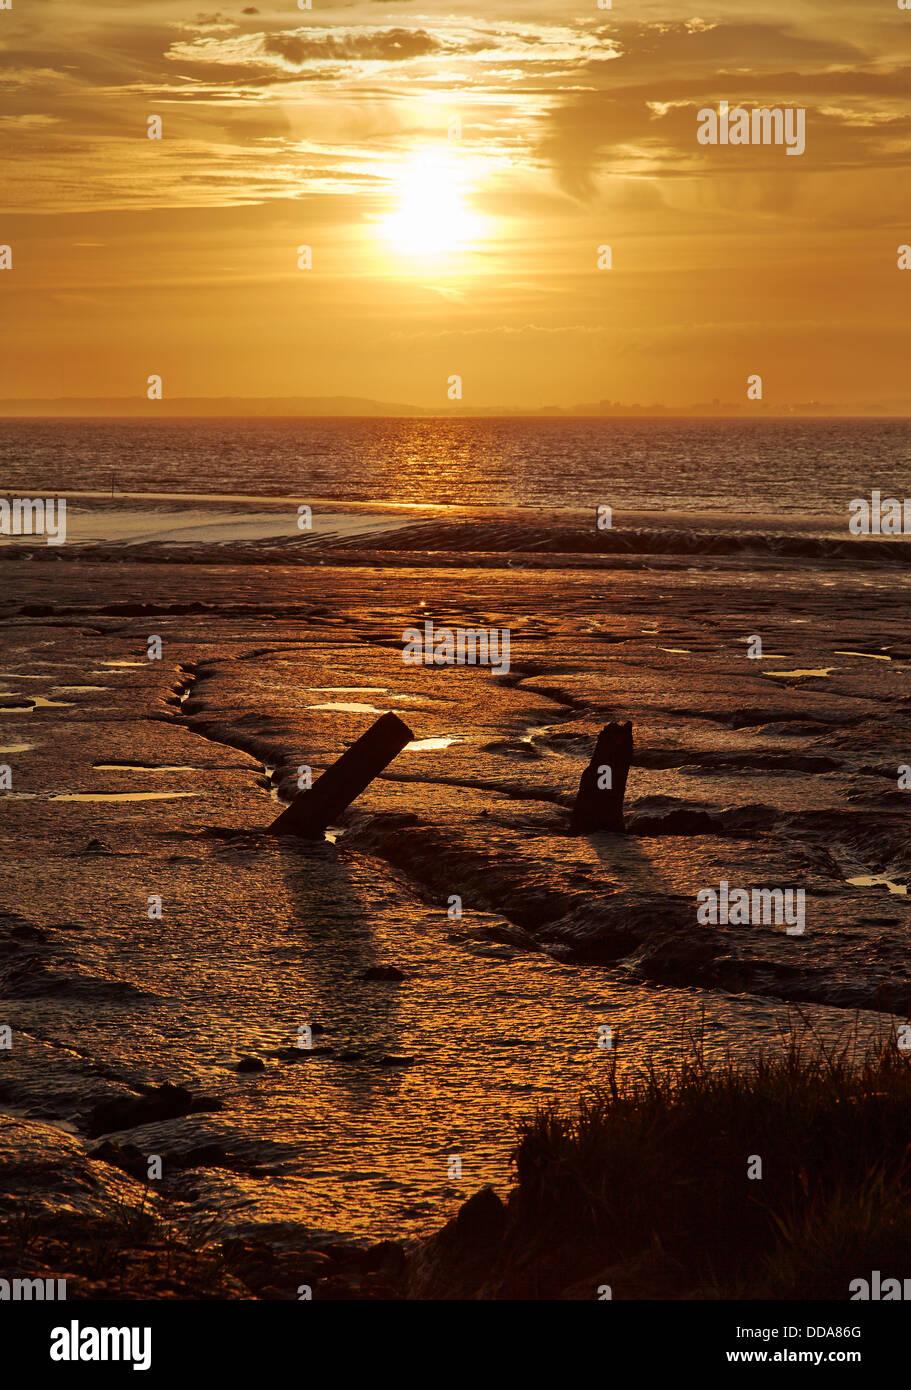 Sonnenuntergang über den Bristolkanal von der Pille Clevedon Somerset UK Stockbild